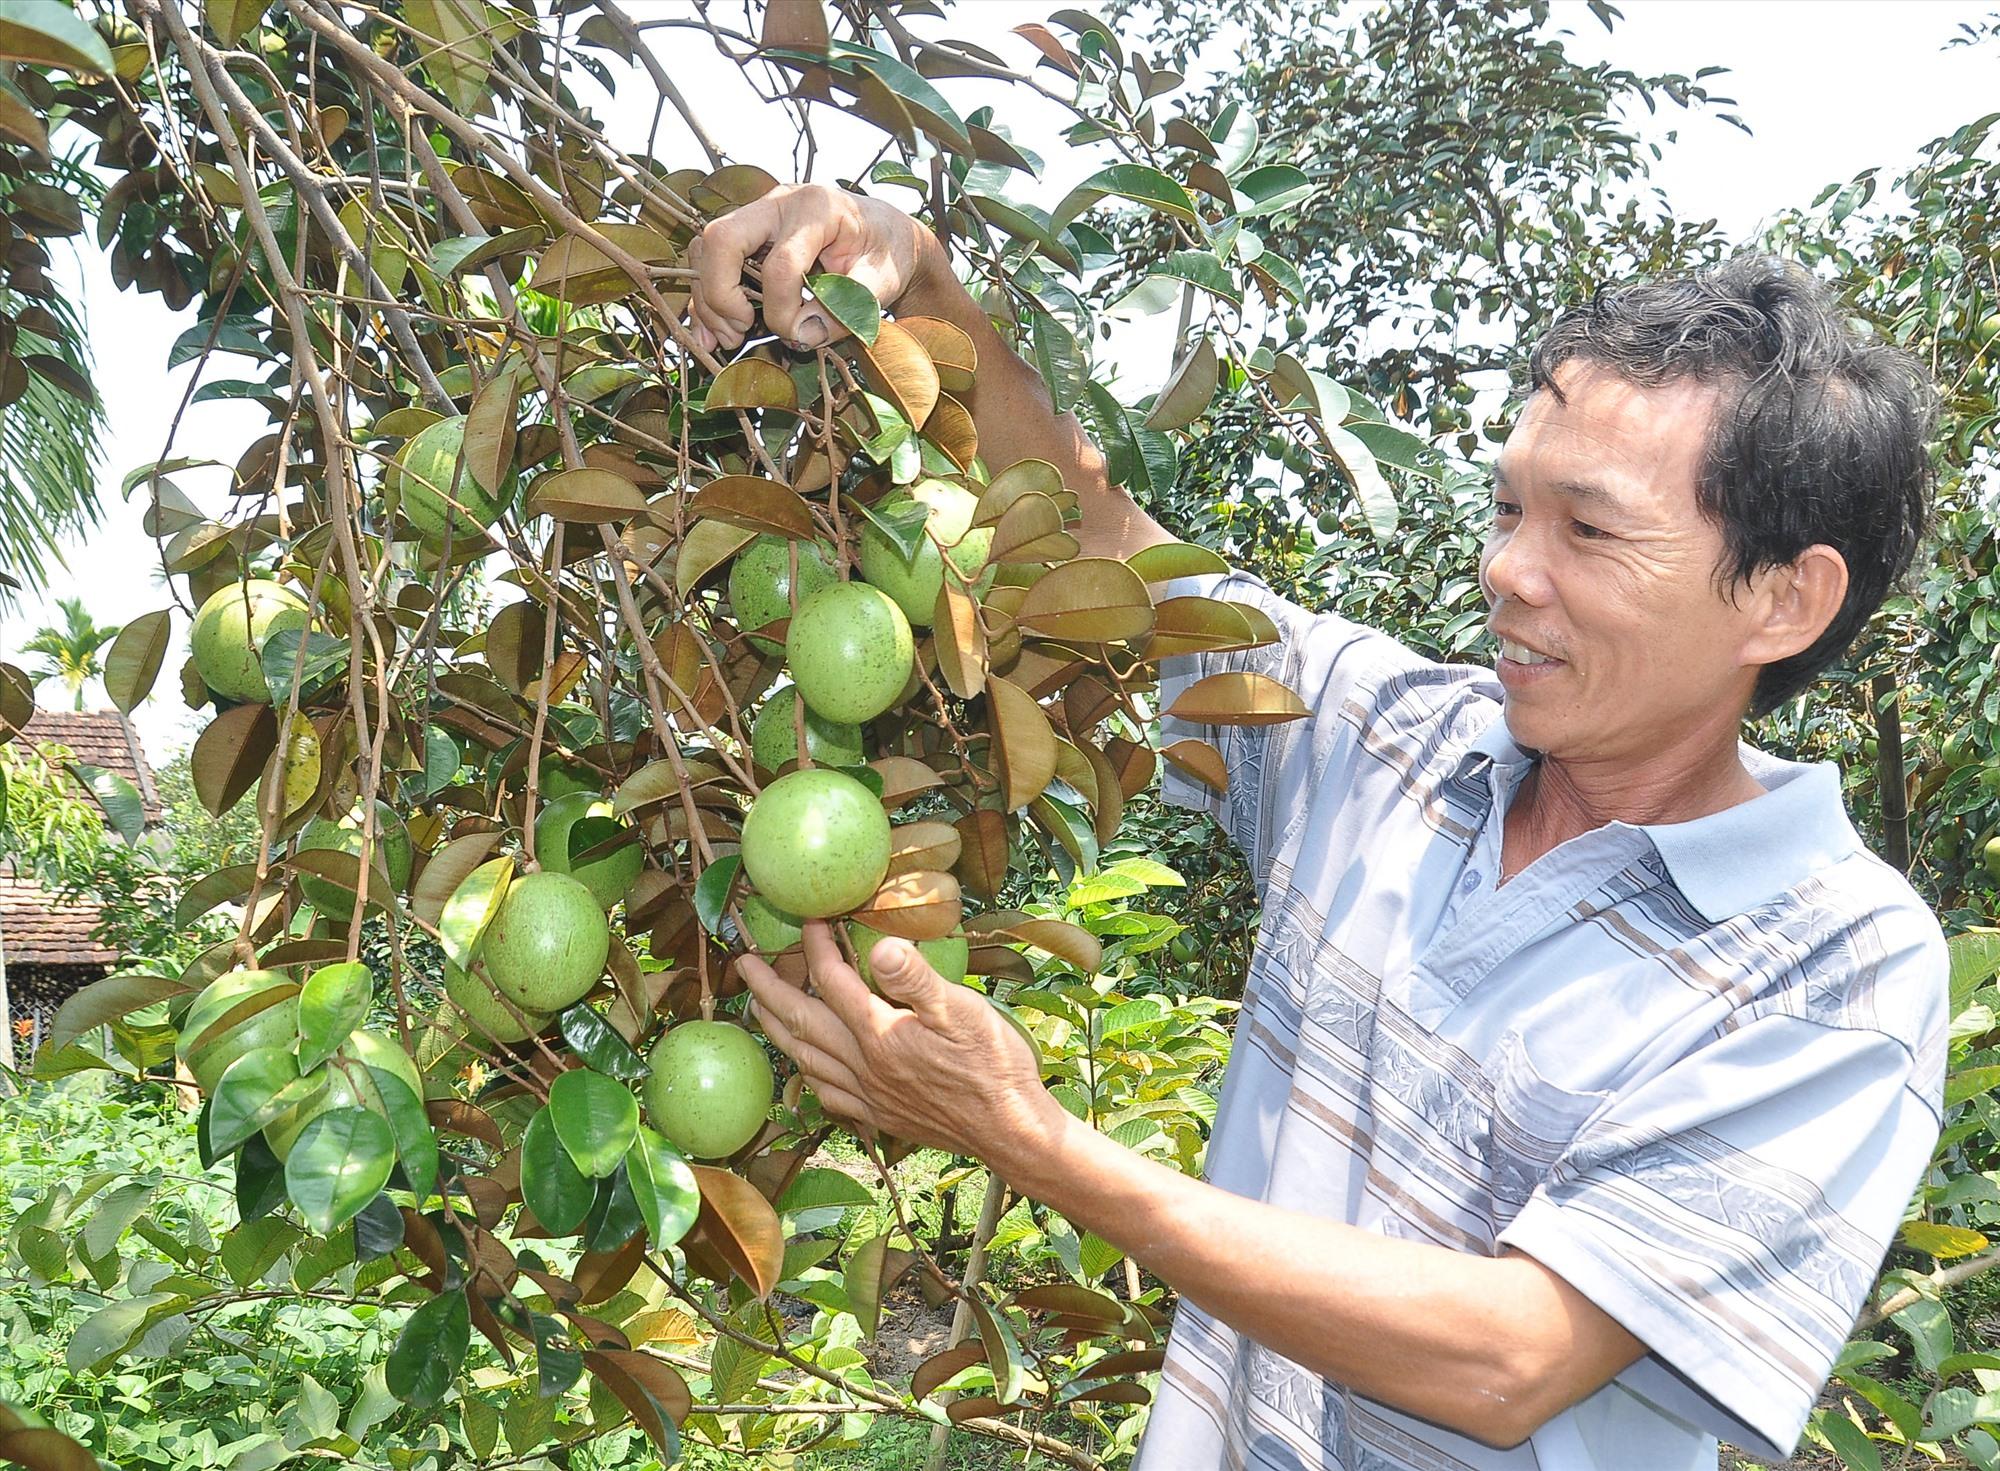 Nhiều địa phương ở Phú Ninh đẩy mạnh phát triển kinh tế vườn - rừng đem lại hiệu quả. Ảnh: V.A